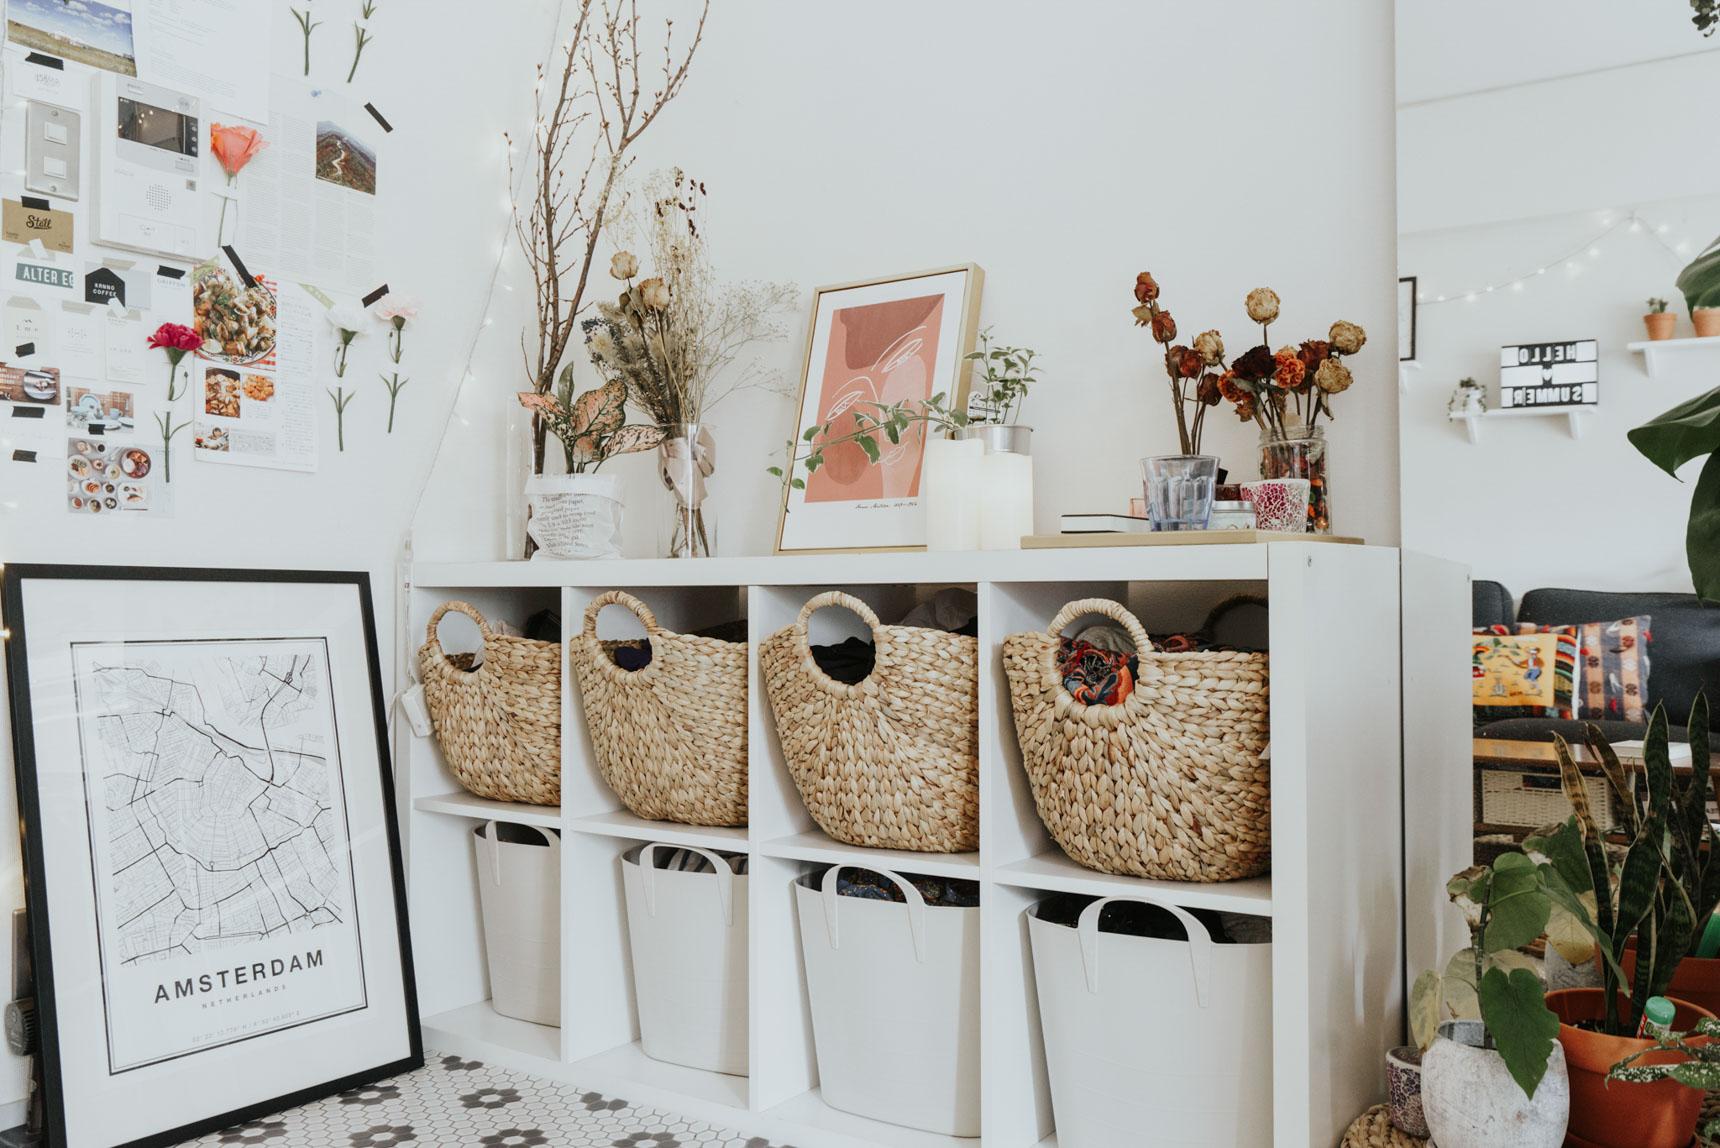 IKEAのシェルフユニットにシンデレラフィットする、ニトリのバスケット(棚の上に入っているもの)。自然素材の質感と、大きな丸い取手がおしゃれです。(このお部屋はこちら)